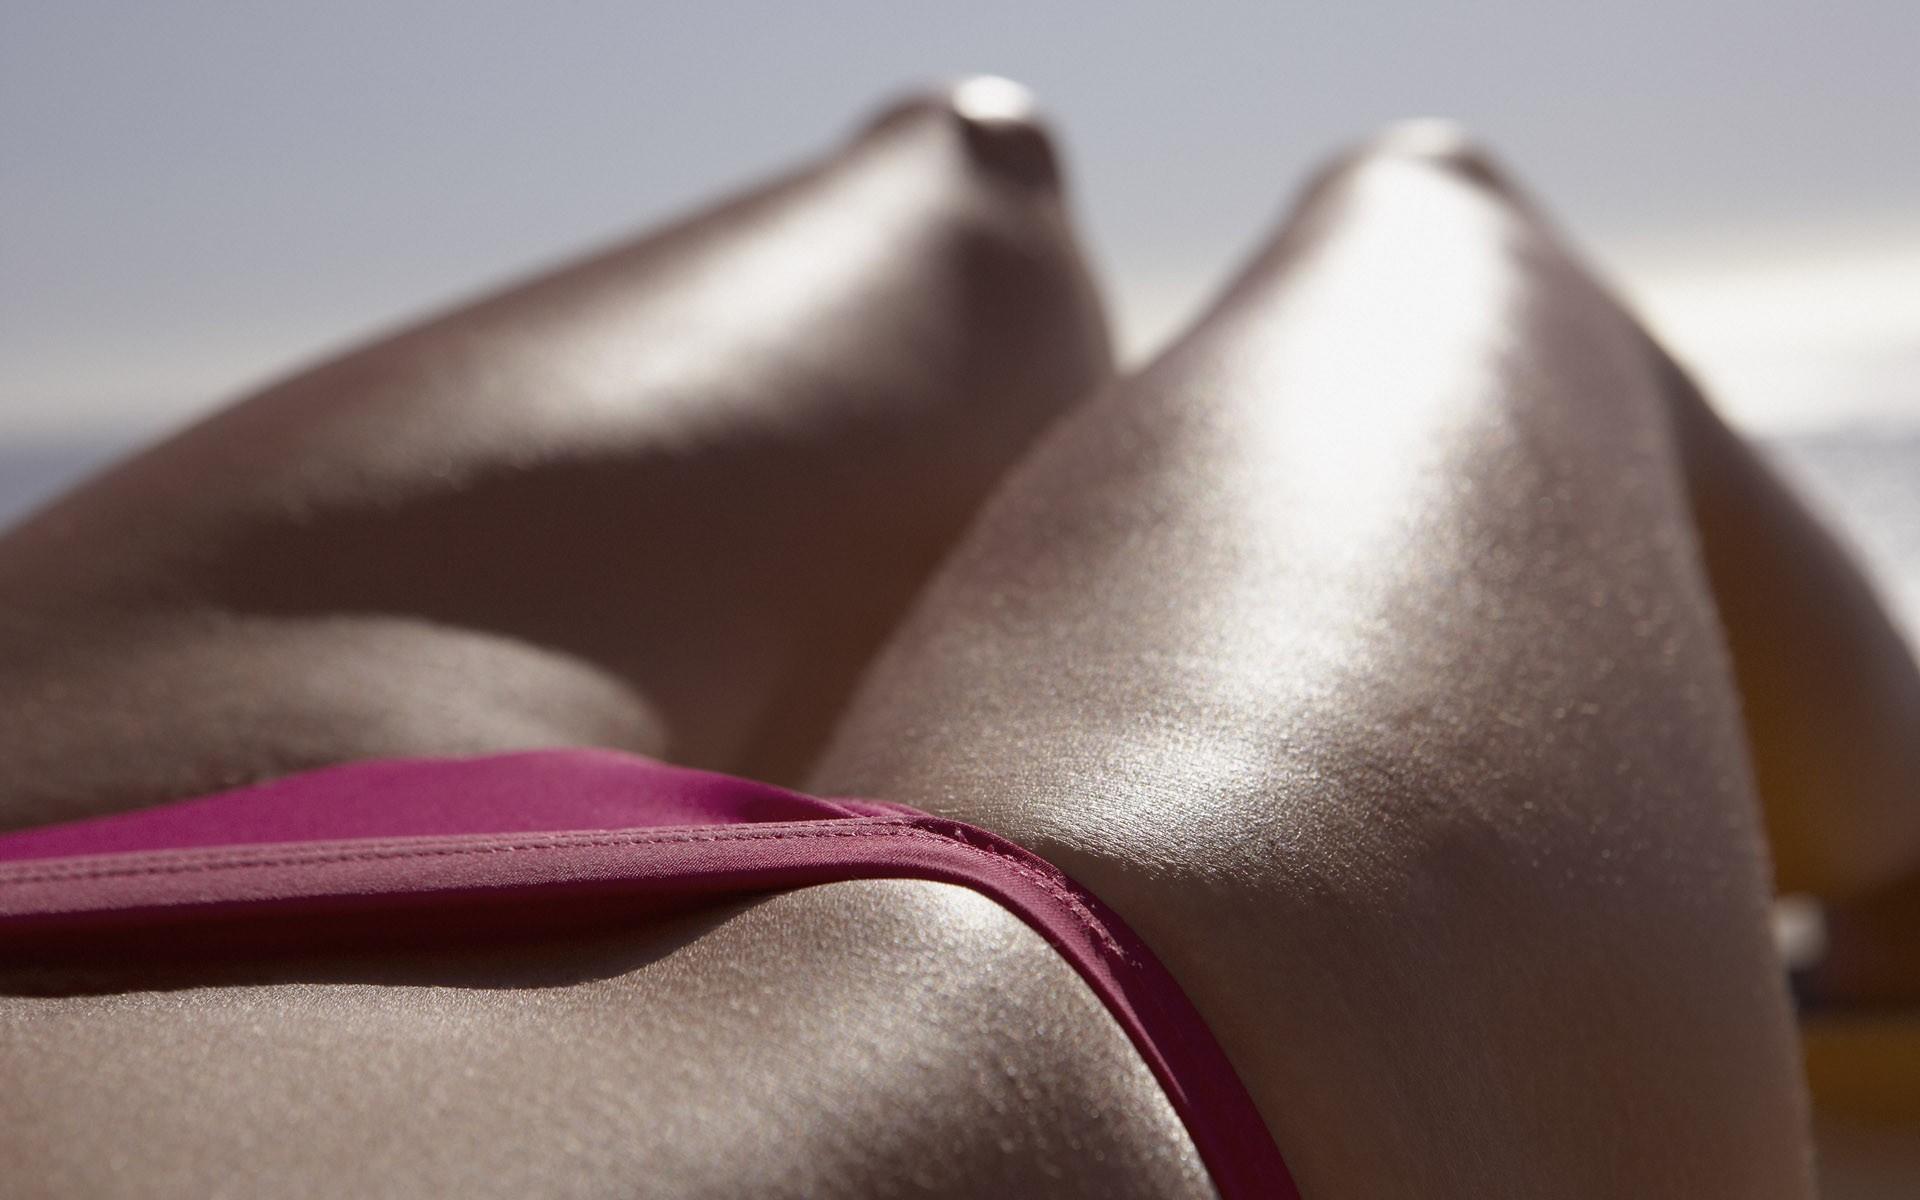 Фото разные пизденки, Пизда девушек крупно и голая пиздень женщин - женские 8 фотография